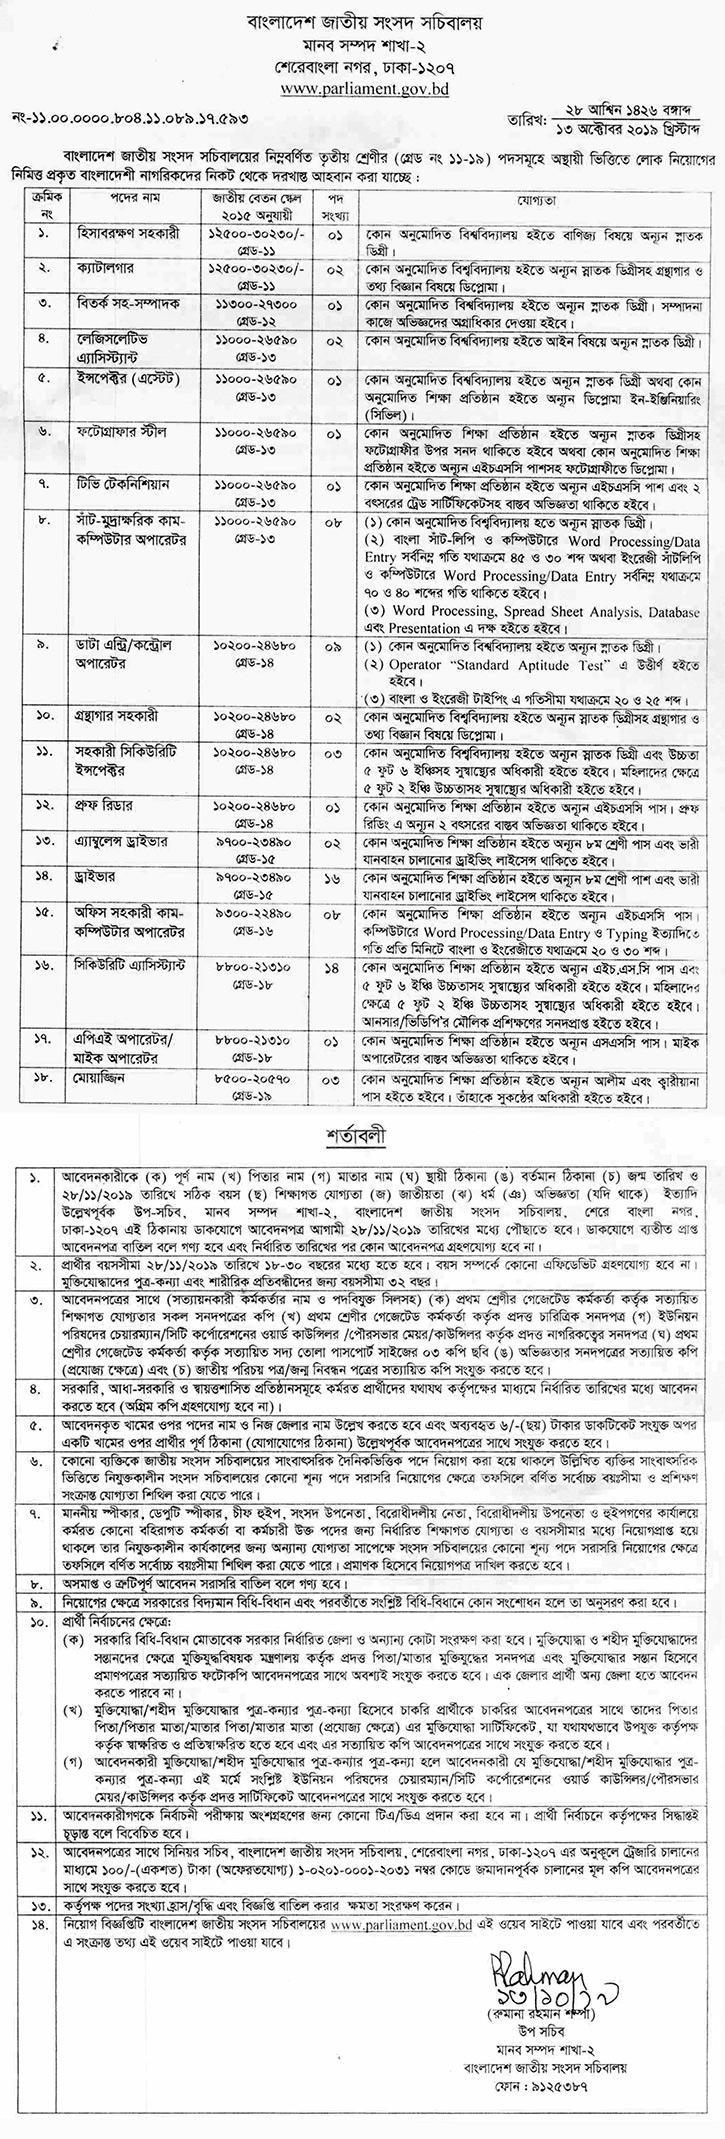 National Parliament Job Circular 2019